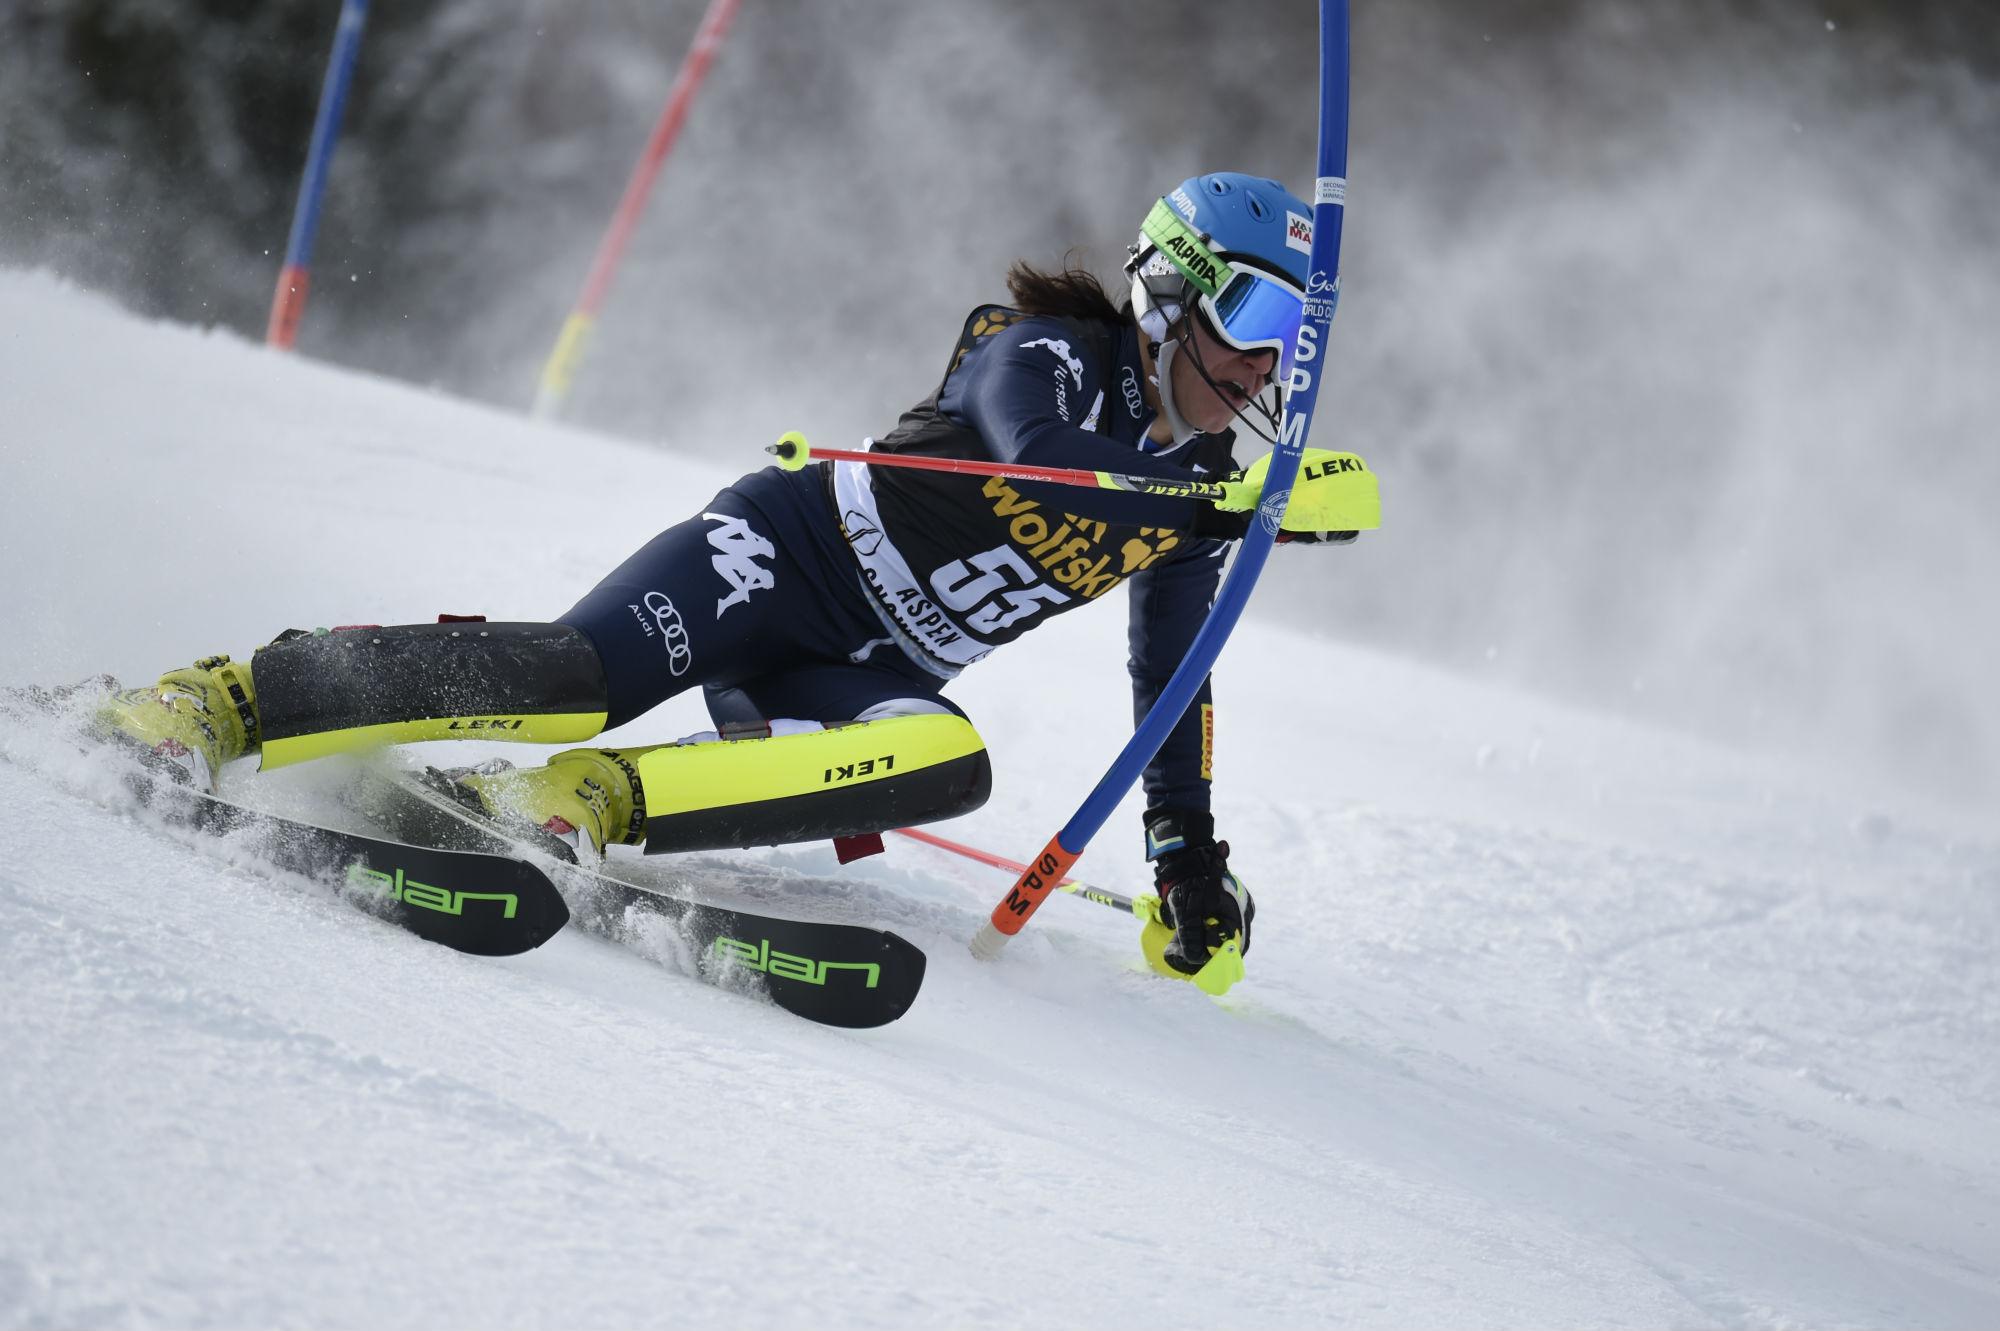 Nicole Agnelli in azione in slalom @Zoom Agence